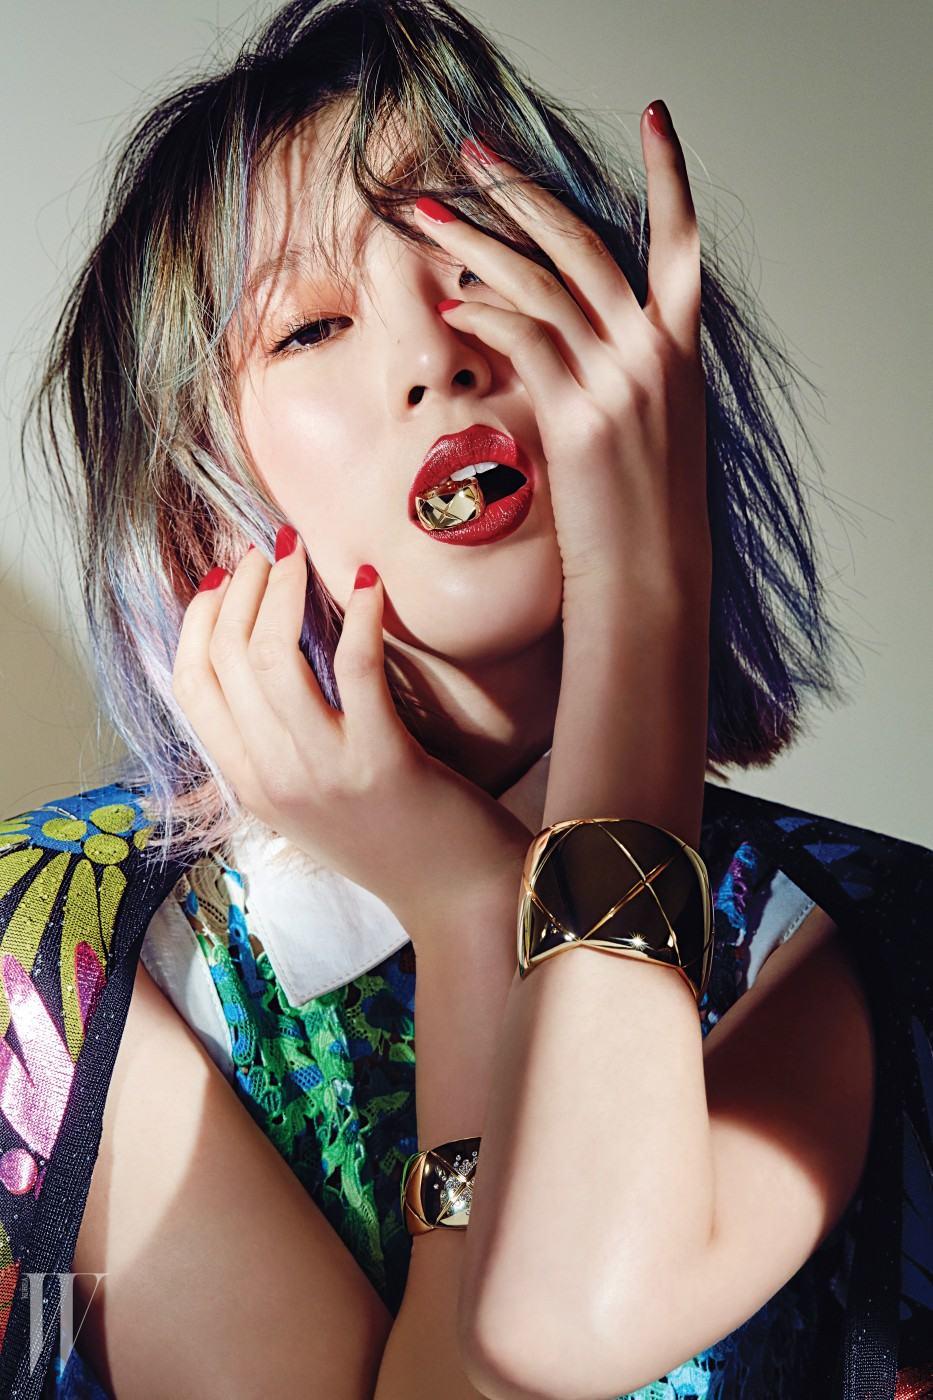 다이아몬드가 화려하게 세팅된 옐로 골드 커프, 대담한 형태와 퀼팅 패턴이 돋보이는 옐로 골드 커프, 옐로 골드 스몰 링은 모두 코코 크러쉬(Coco Crush) 컬렉션으로 Chanel Fine Jewelry 제품.